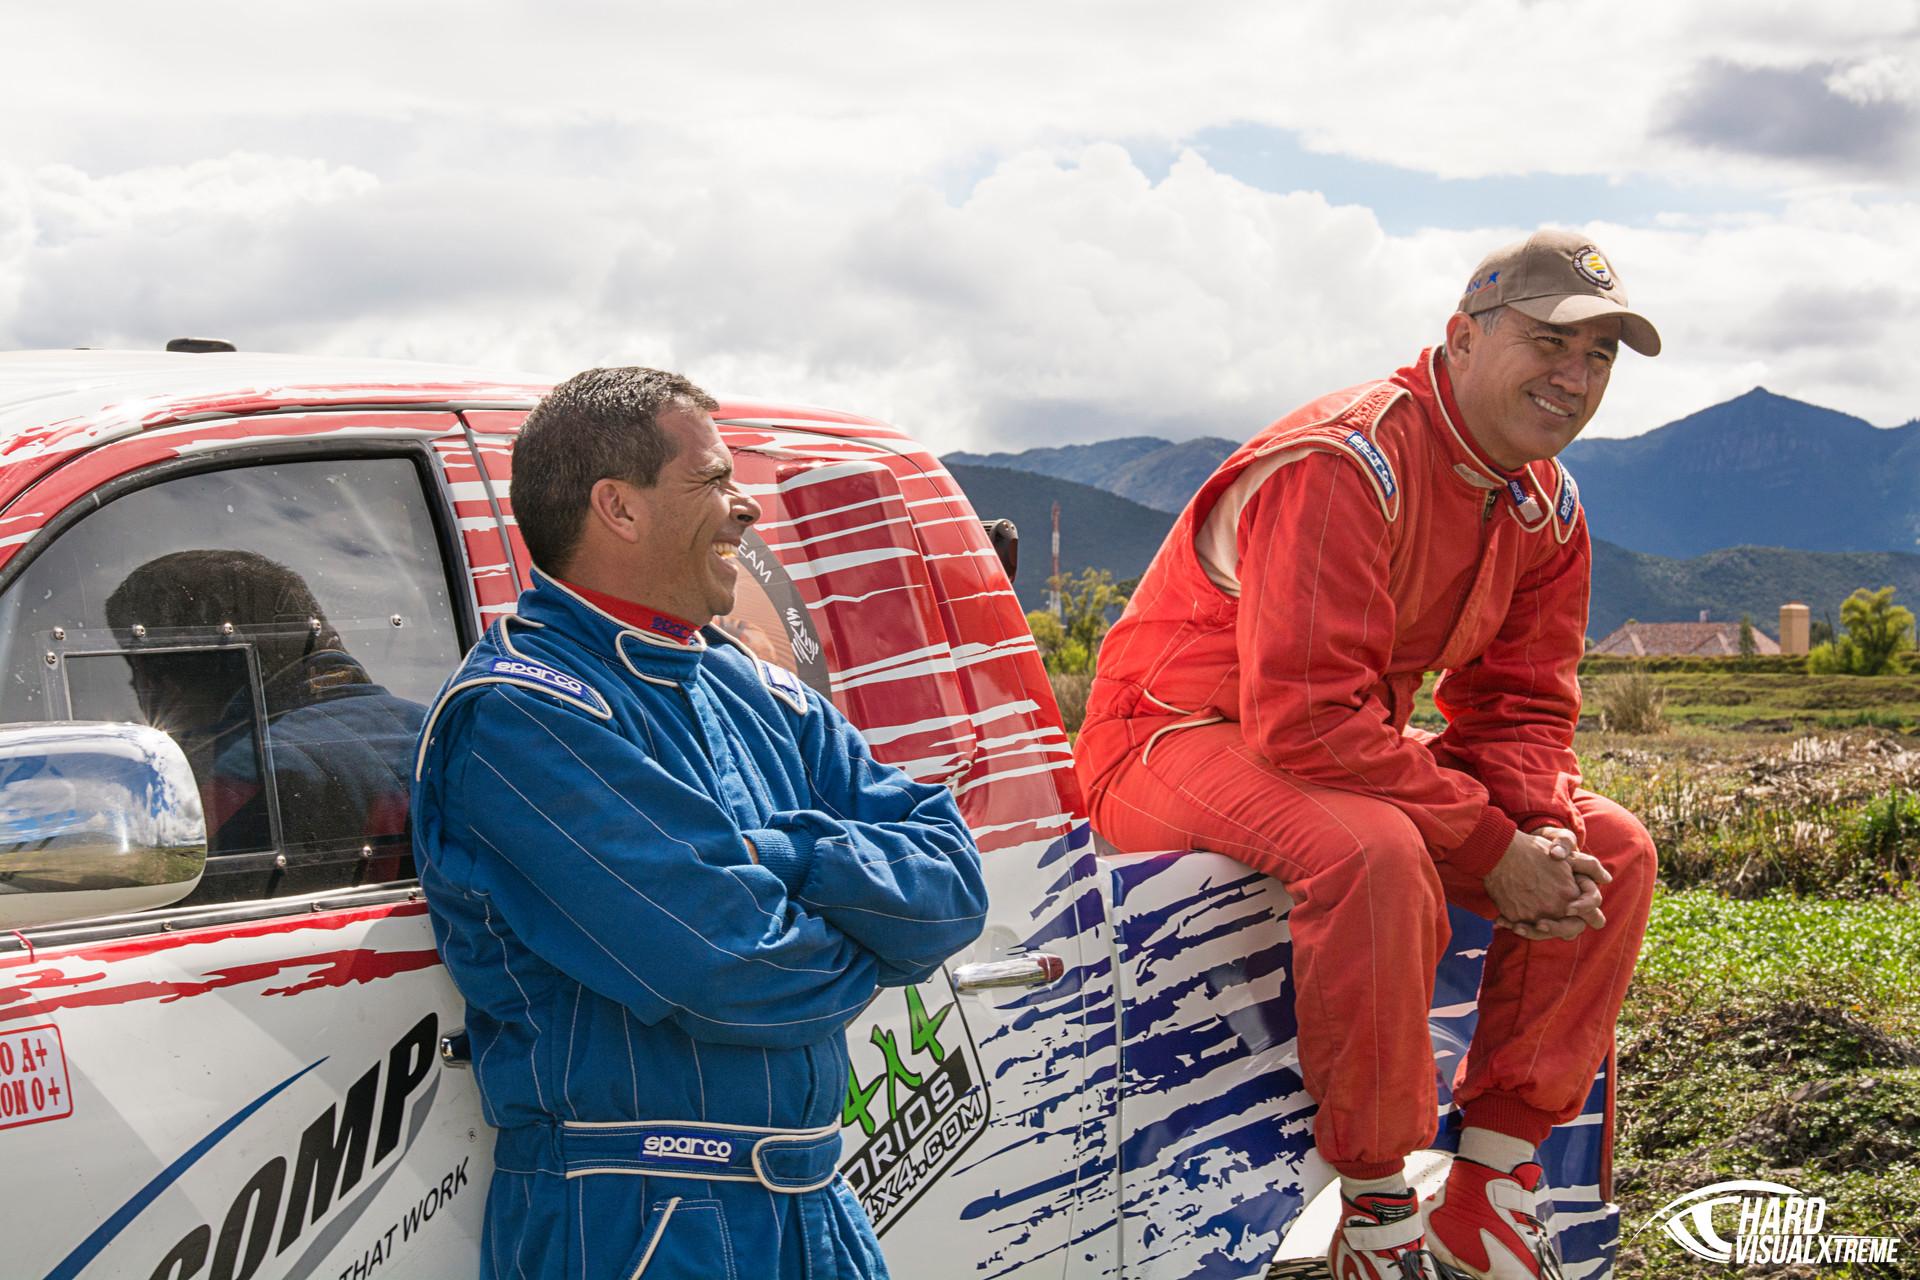 Colombia Dakar Rally Team 2014